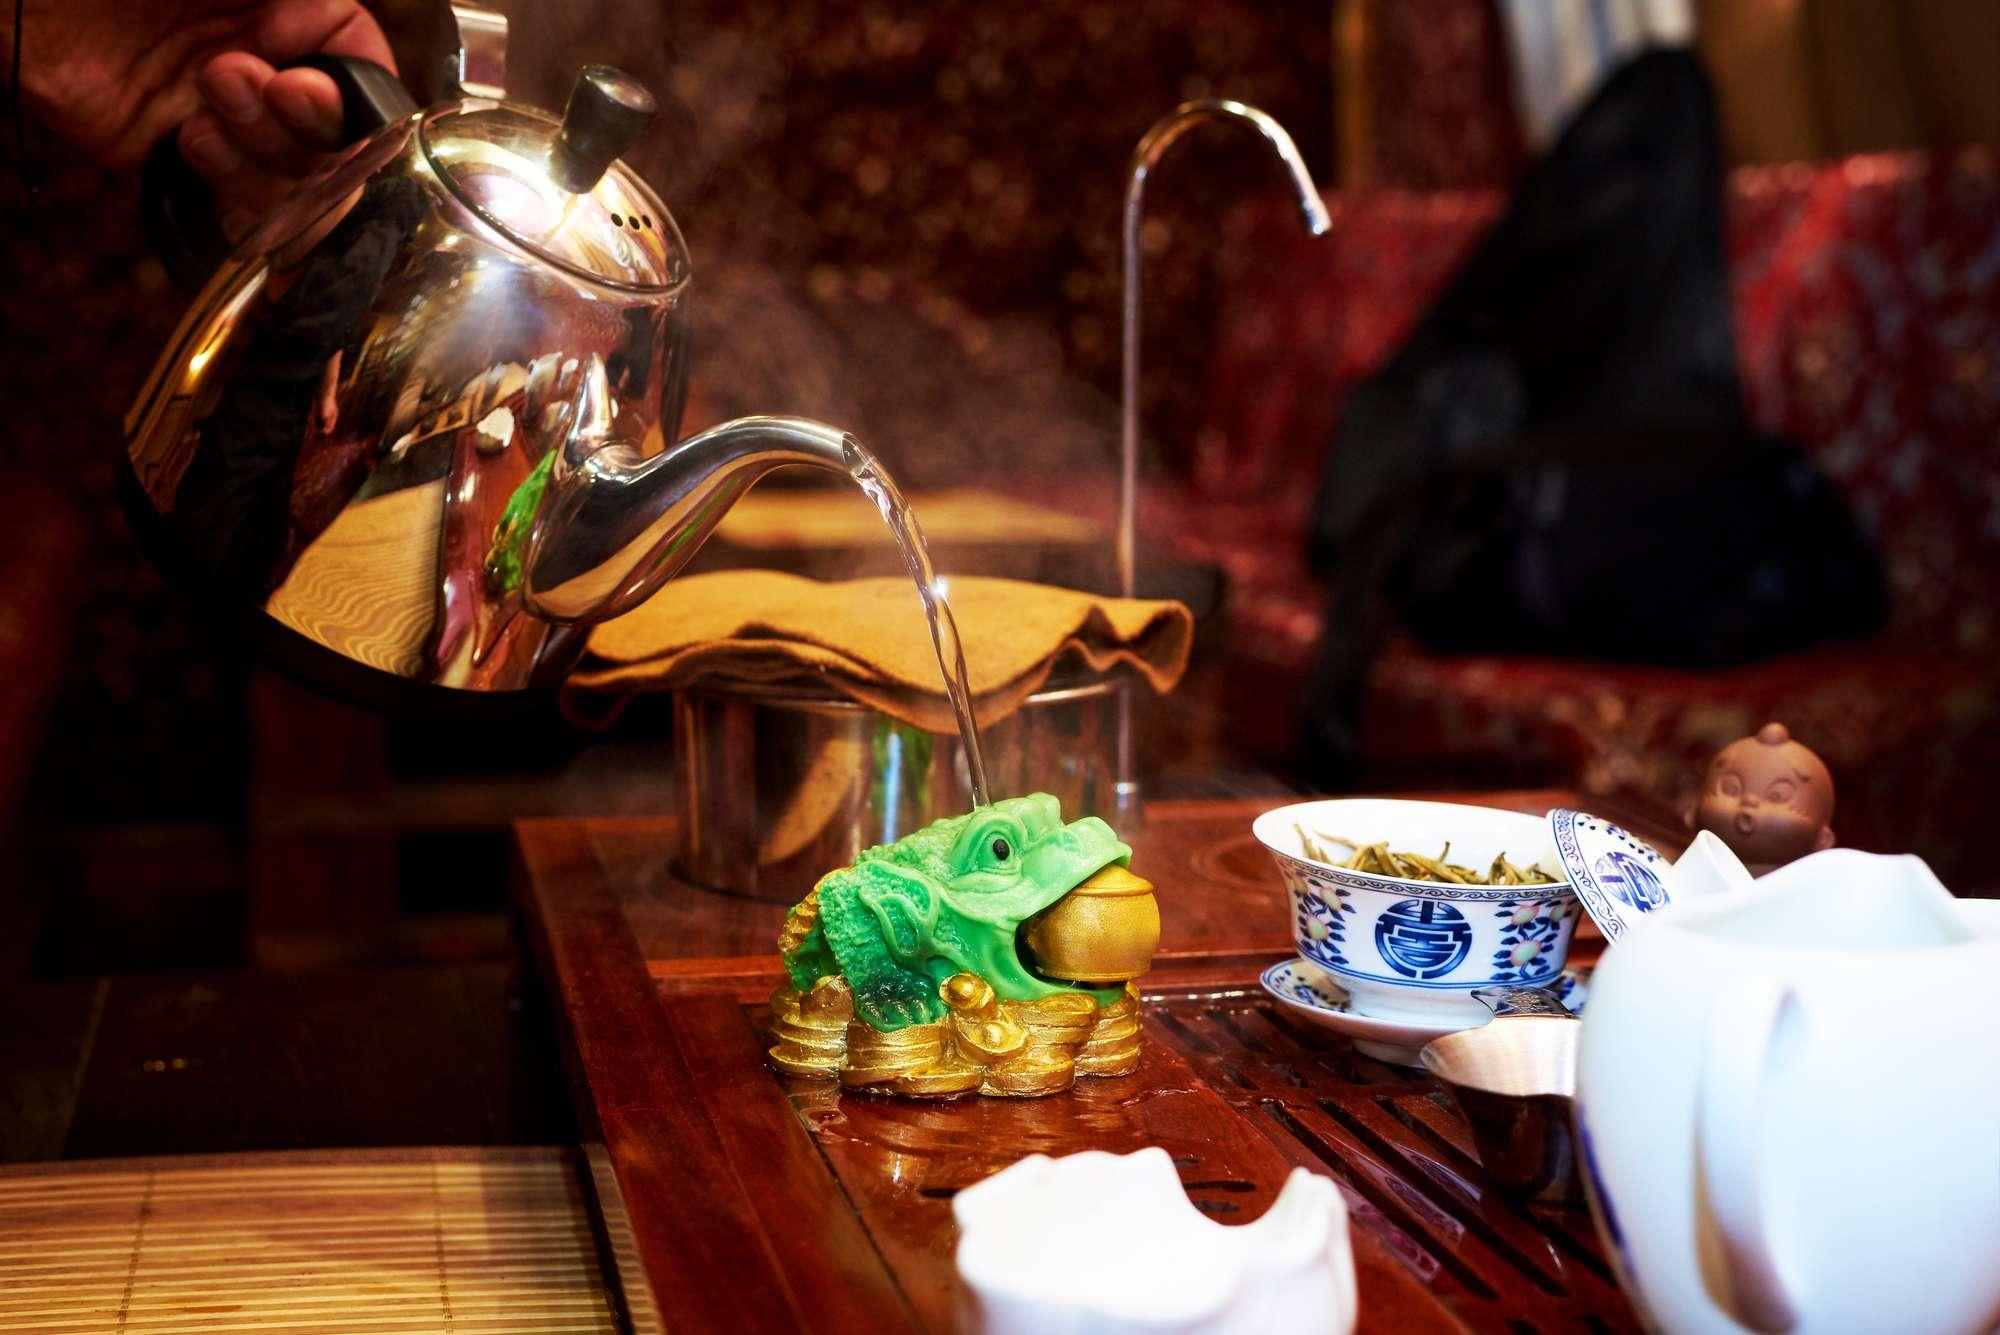 teaszertartás vörös bútorok között zöld békával